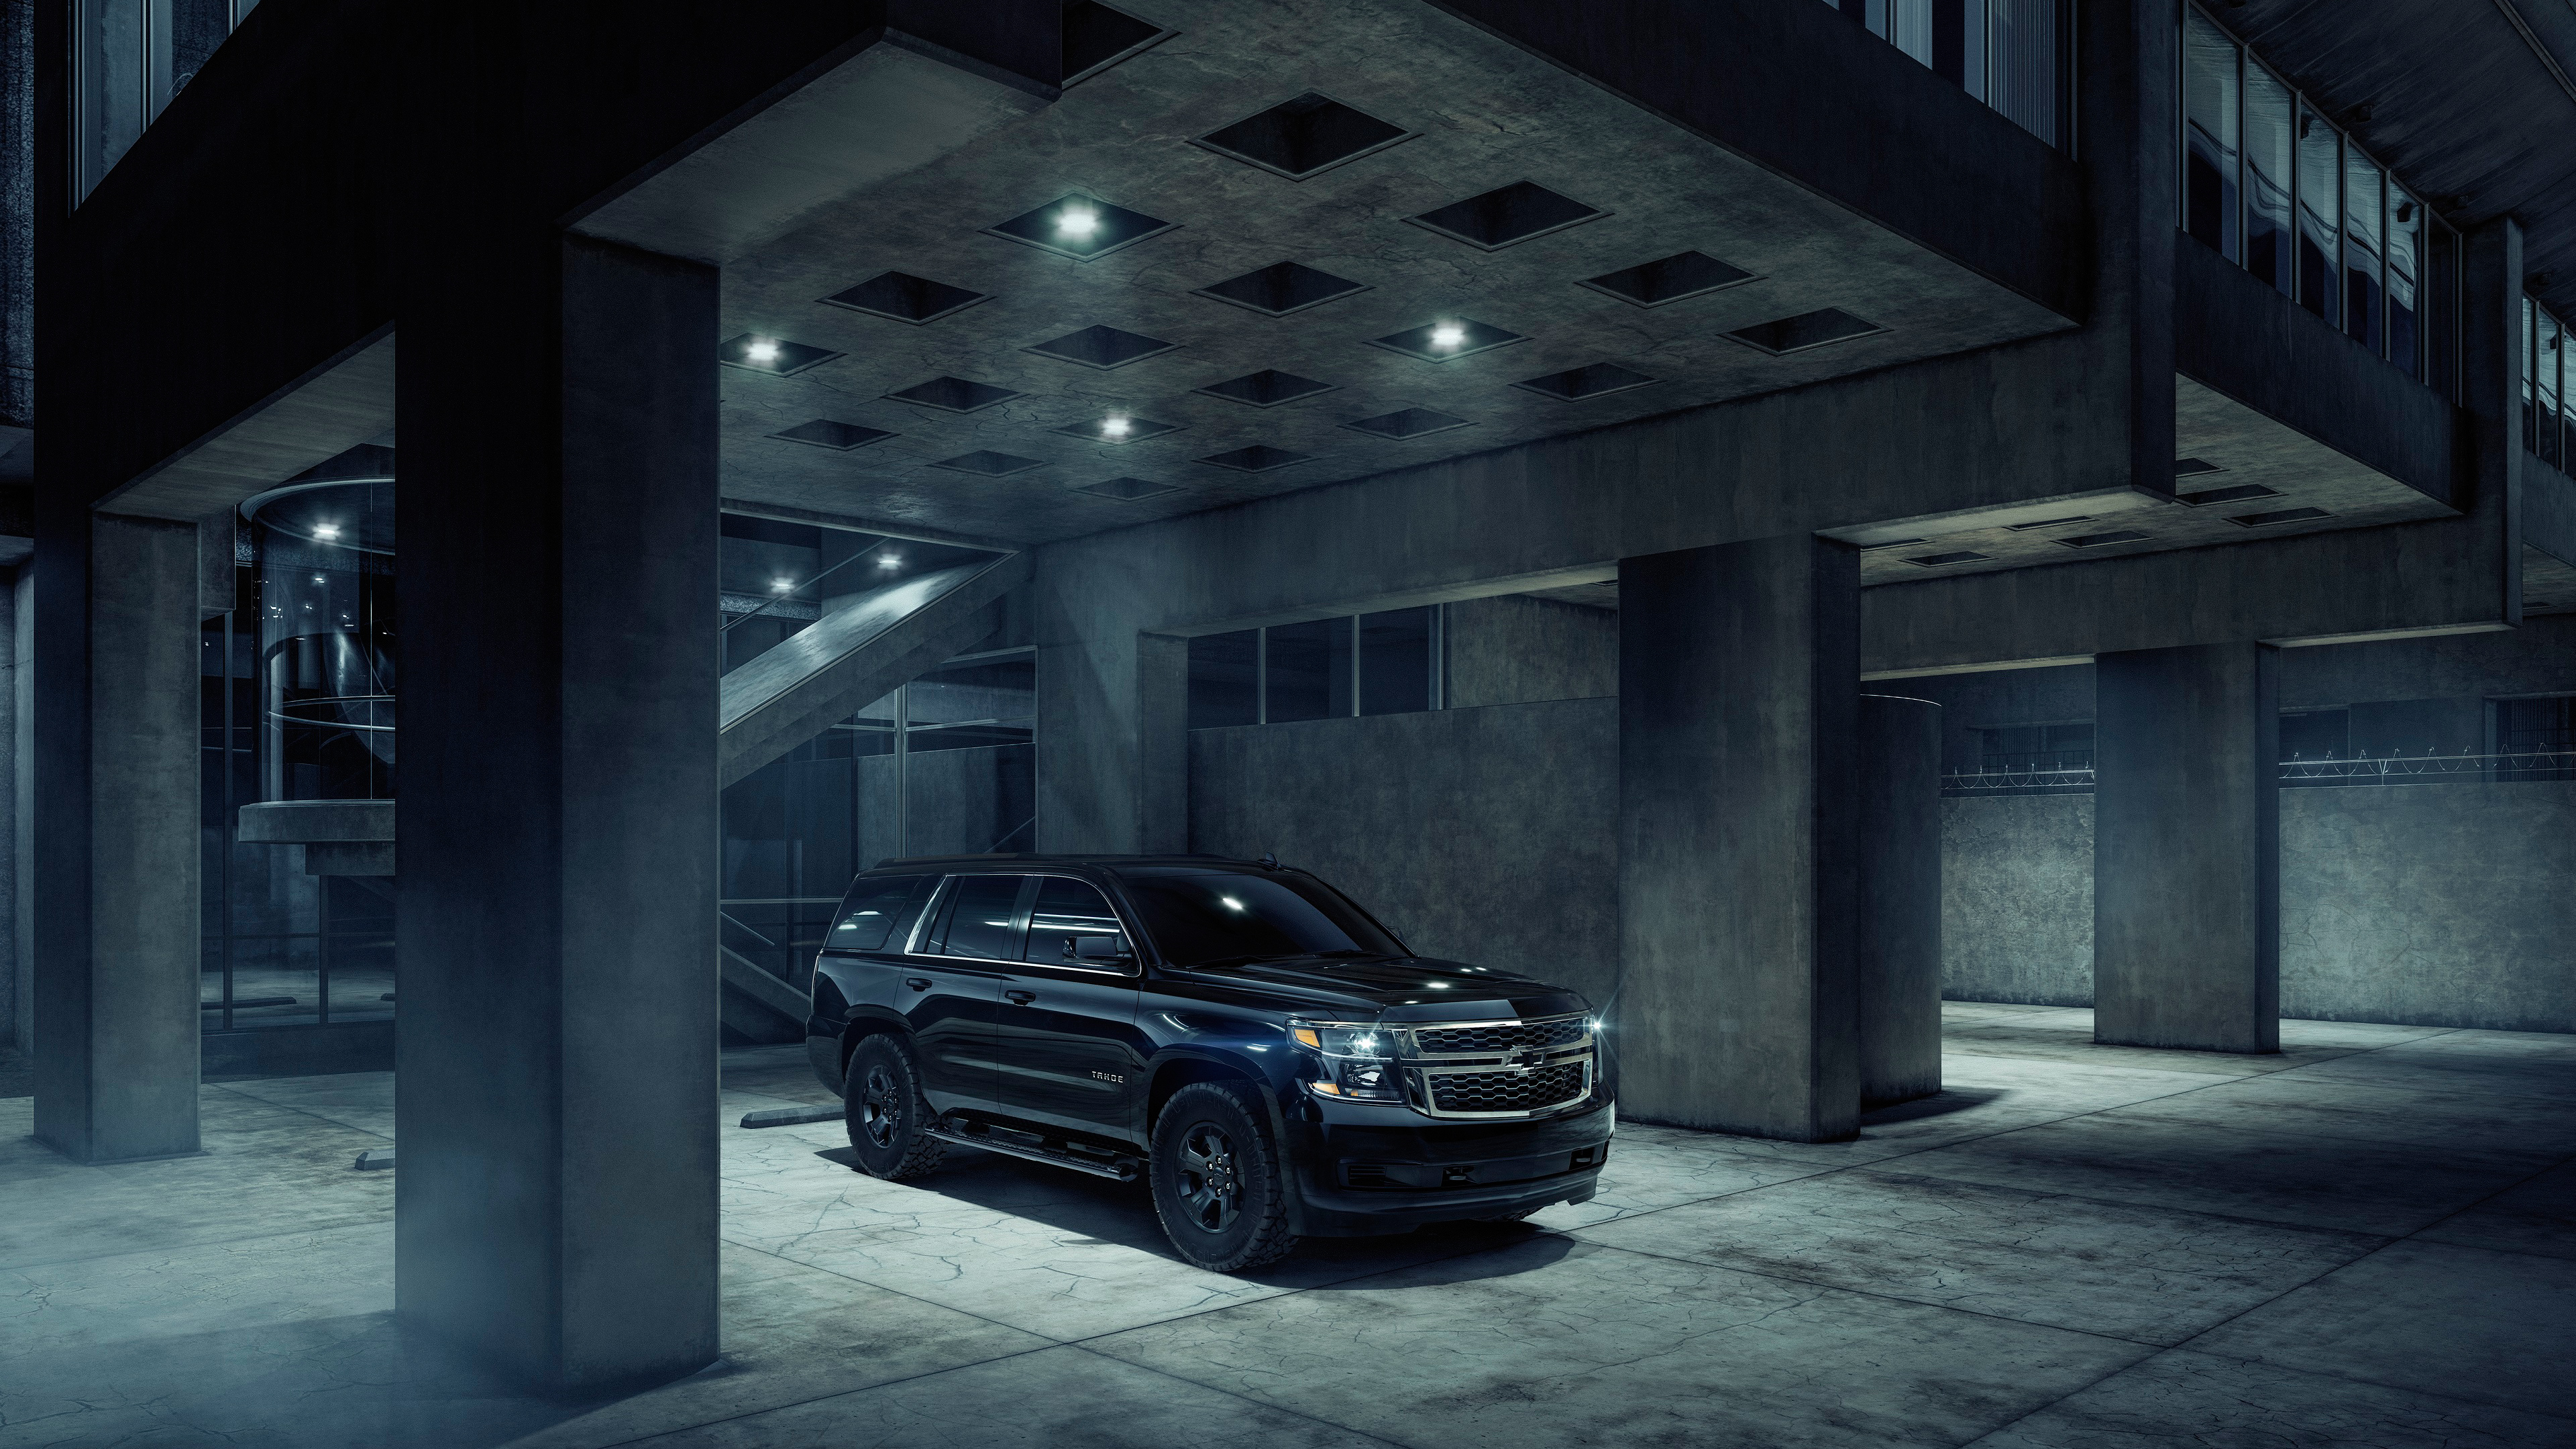 2018 Chevrolet Tahoe Custom Midnight 4k Wallpaper Hd Car